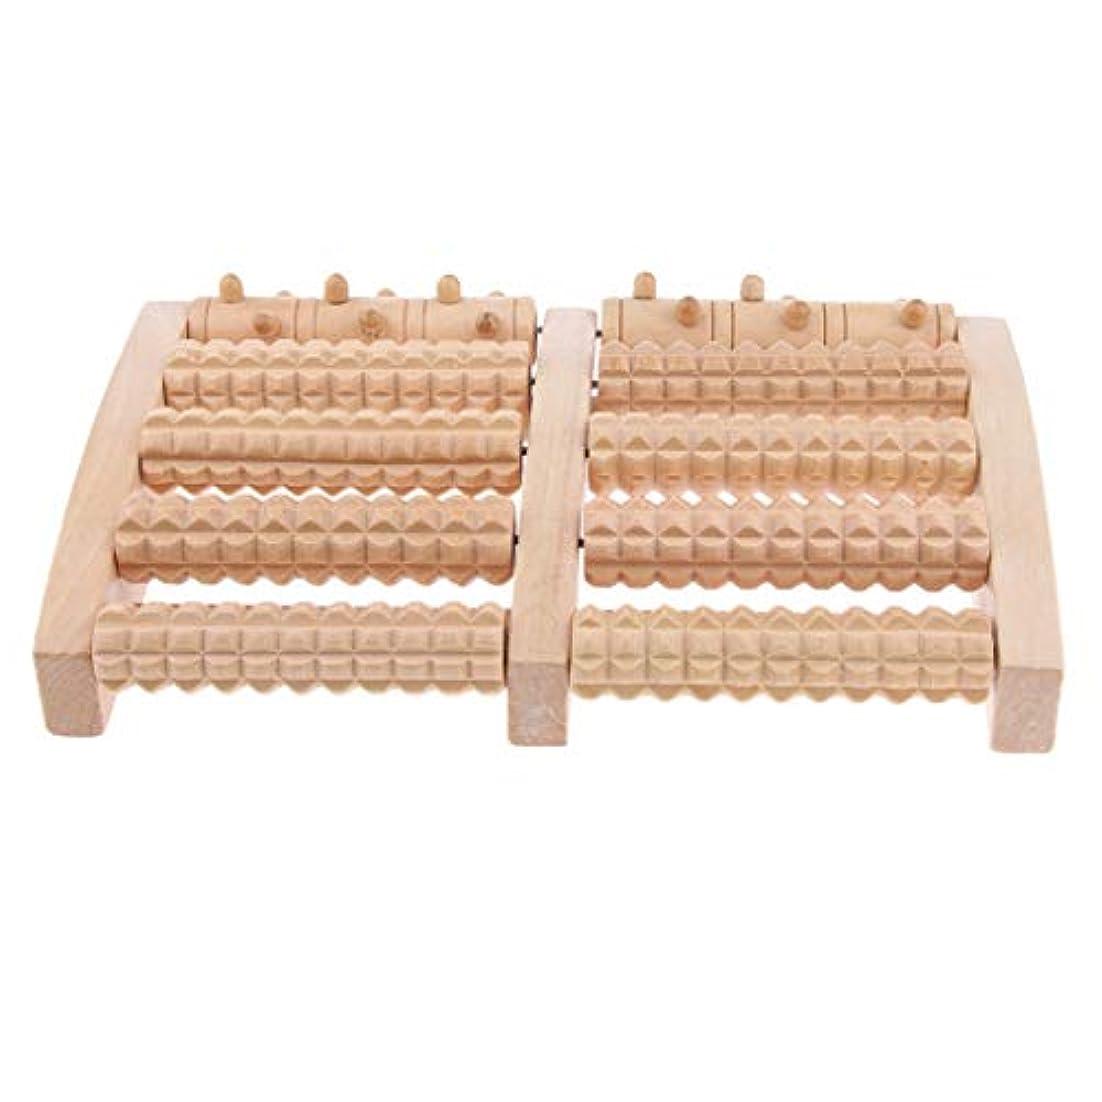 D DOLITY マッサージローラー 工芸 自然木製 足踏み フットローラー ツボ押し リラックス 健康器具 2種選ぶ - 約27x16.4x3.8cm, 27cm